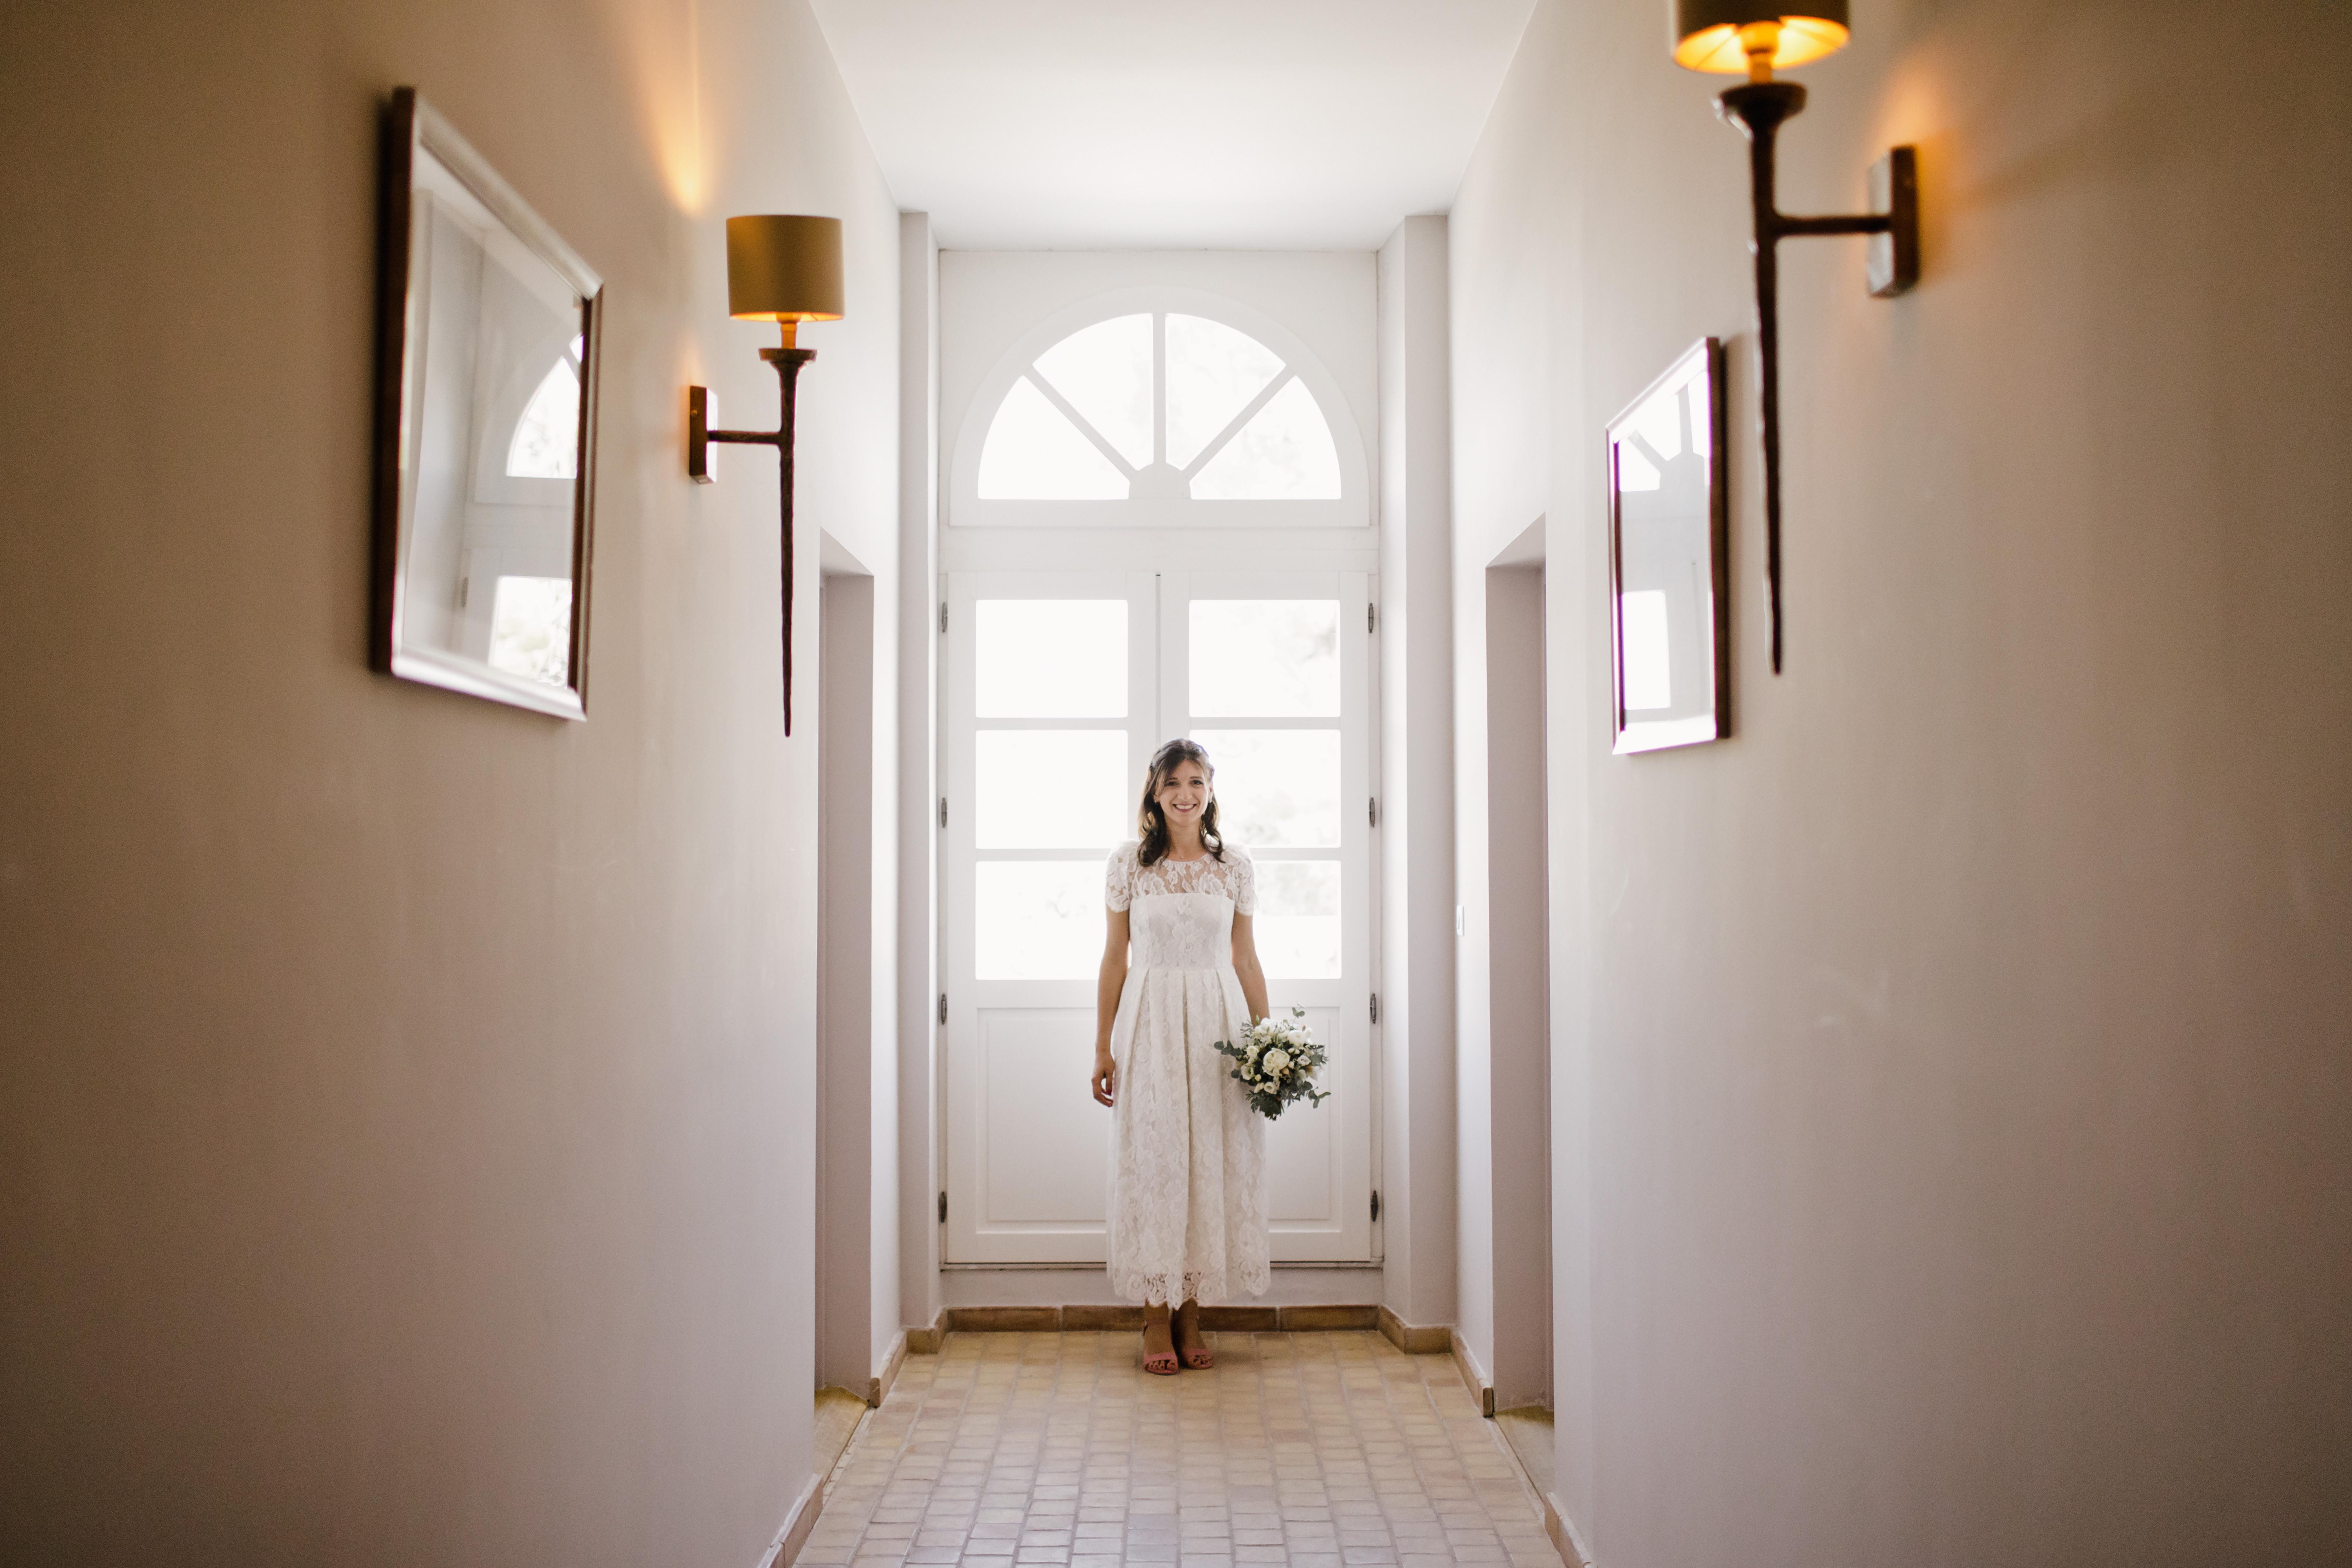 1-ChristelleGilles-MadameCoquelicot-Wedding-planner-155